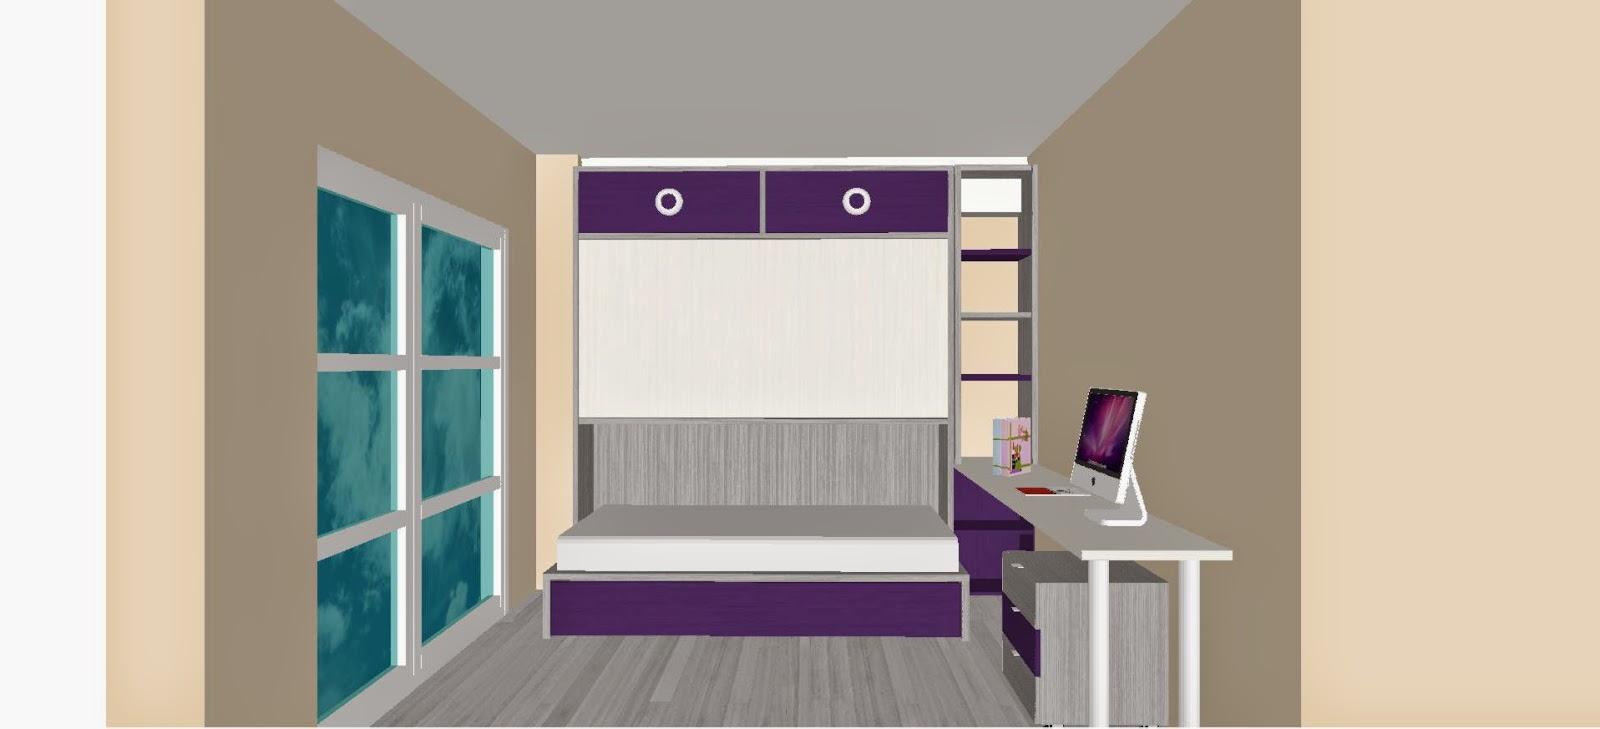 dormitorio juvenil para nias combinado en blancogris silver y morado con cama alta abatible y debajo cama nidoal lado estanteria con modulo diafano a